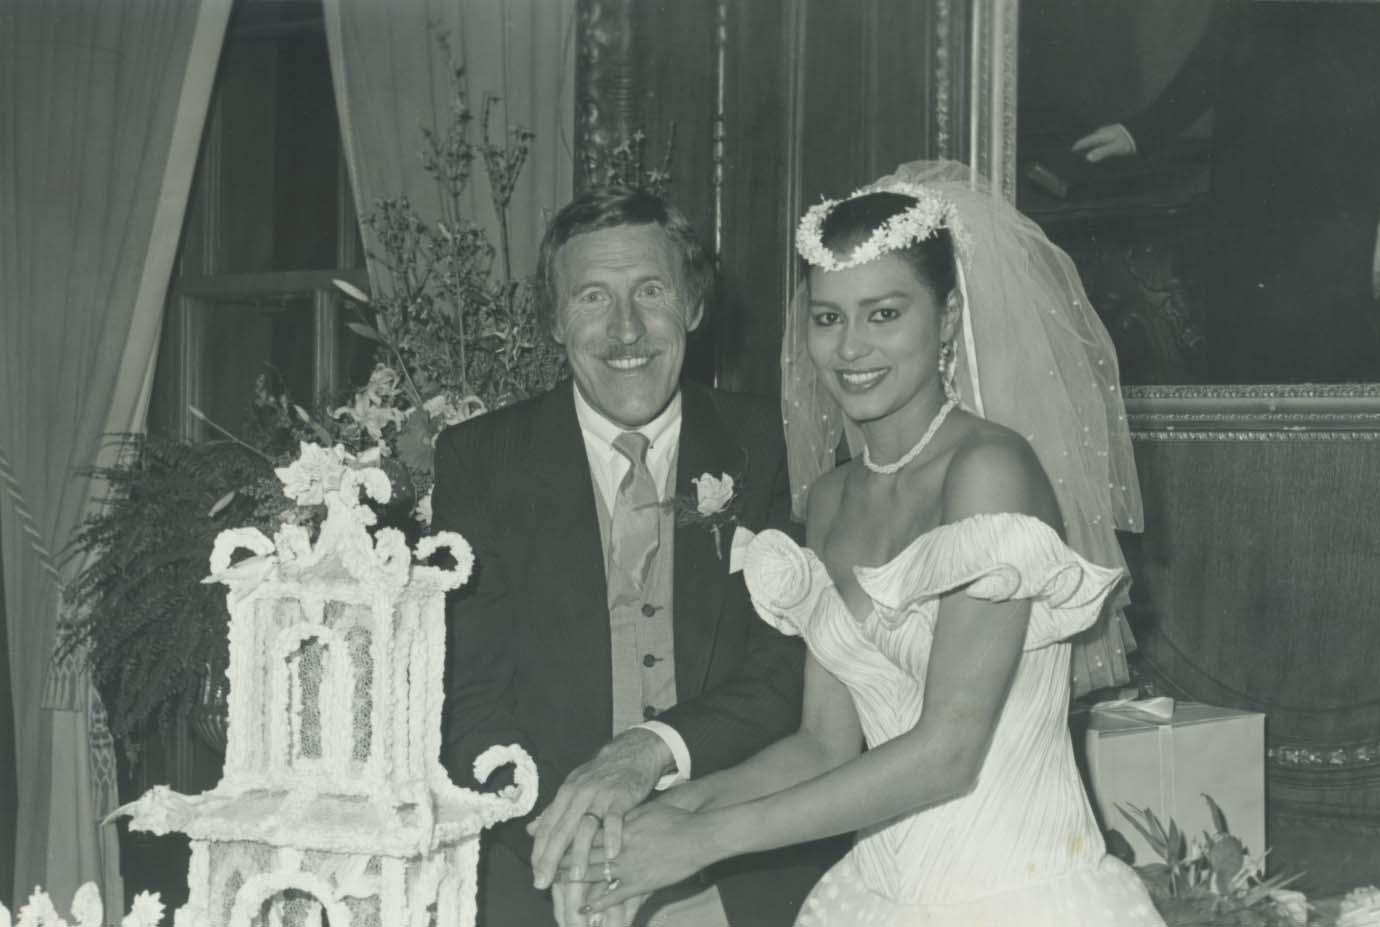 La pareja se casó en Nueva York el 15 de enero del 1983 tras conocerse en el concurso de Miss Mundo en 1980, ambos como jurados (Archivo)